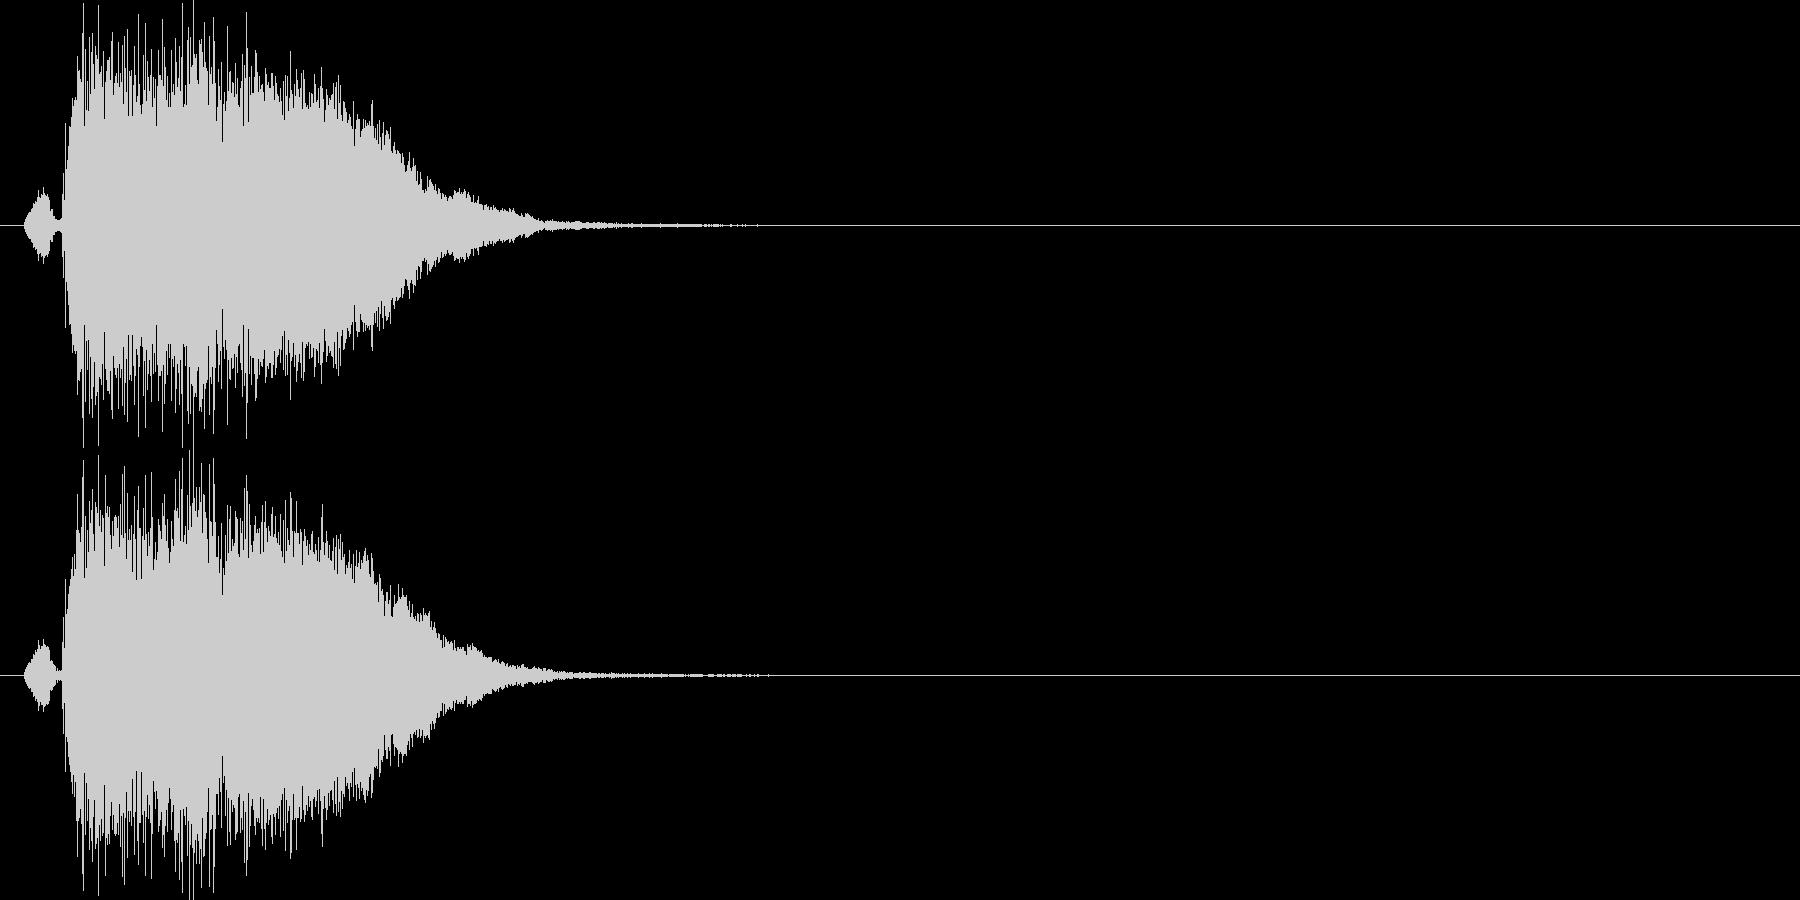 シャキーン(斬撃、決定、演出)の未再生の波形